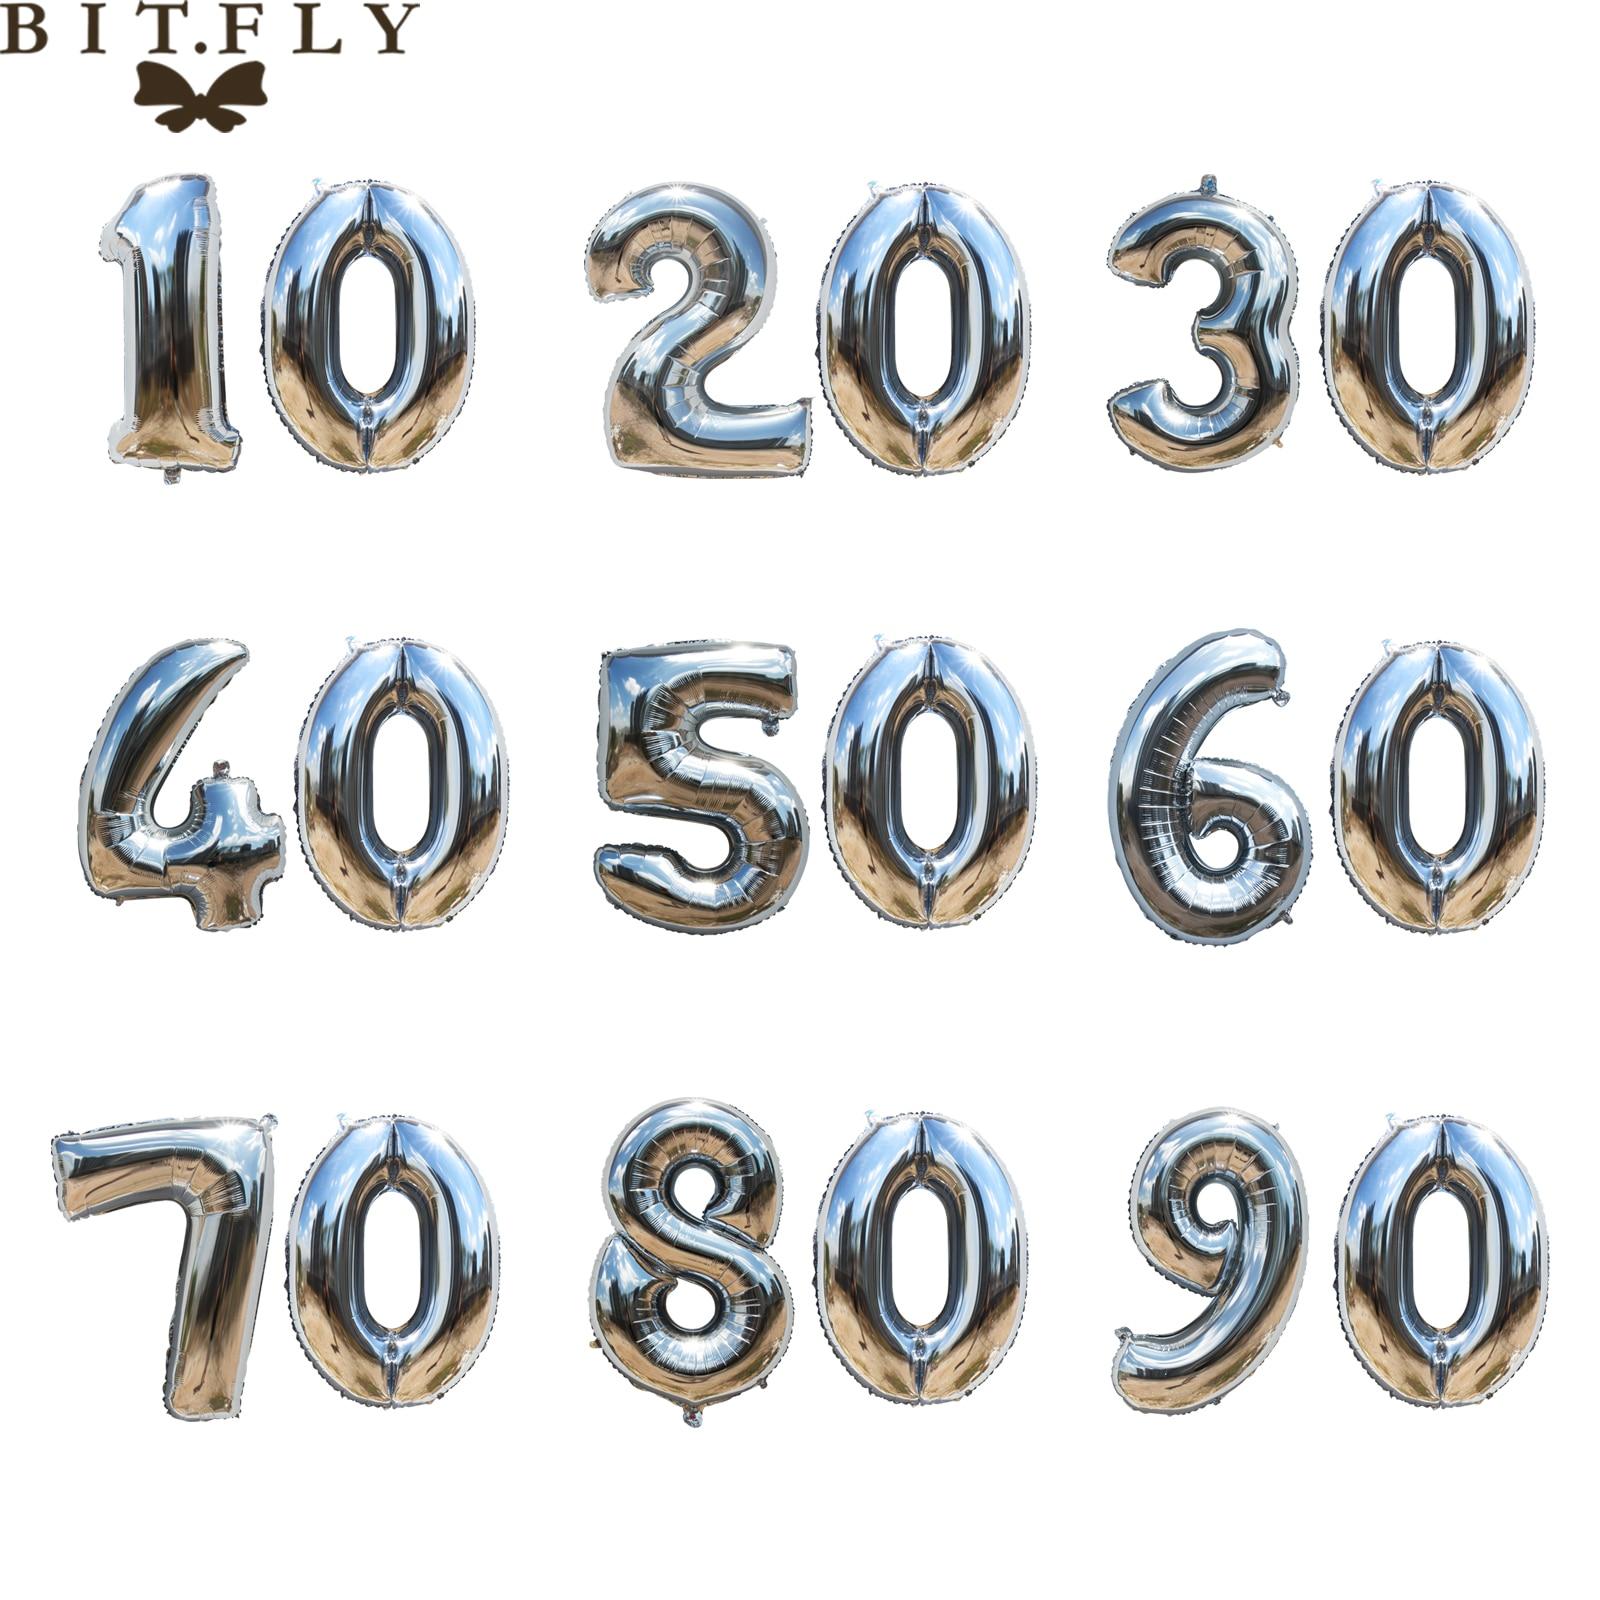 Ballons numéros en aluminium pour fête danniversaire | Fête danniversaire de 40 pouces, or argent 10 20 30 40 50 60 70 80 90 ans, décoration de bricolage